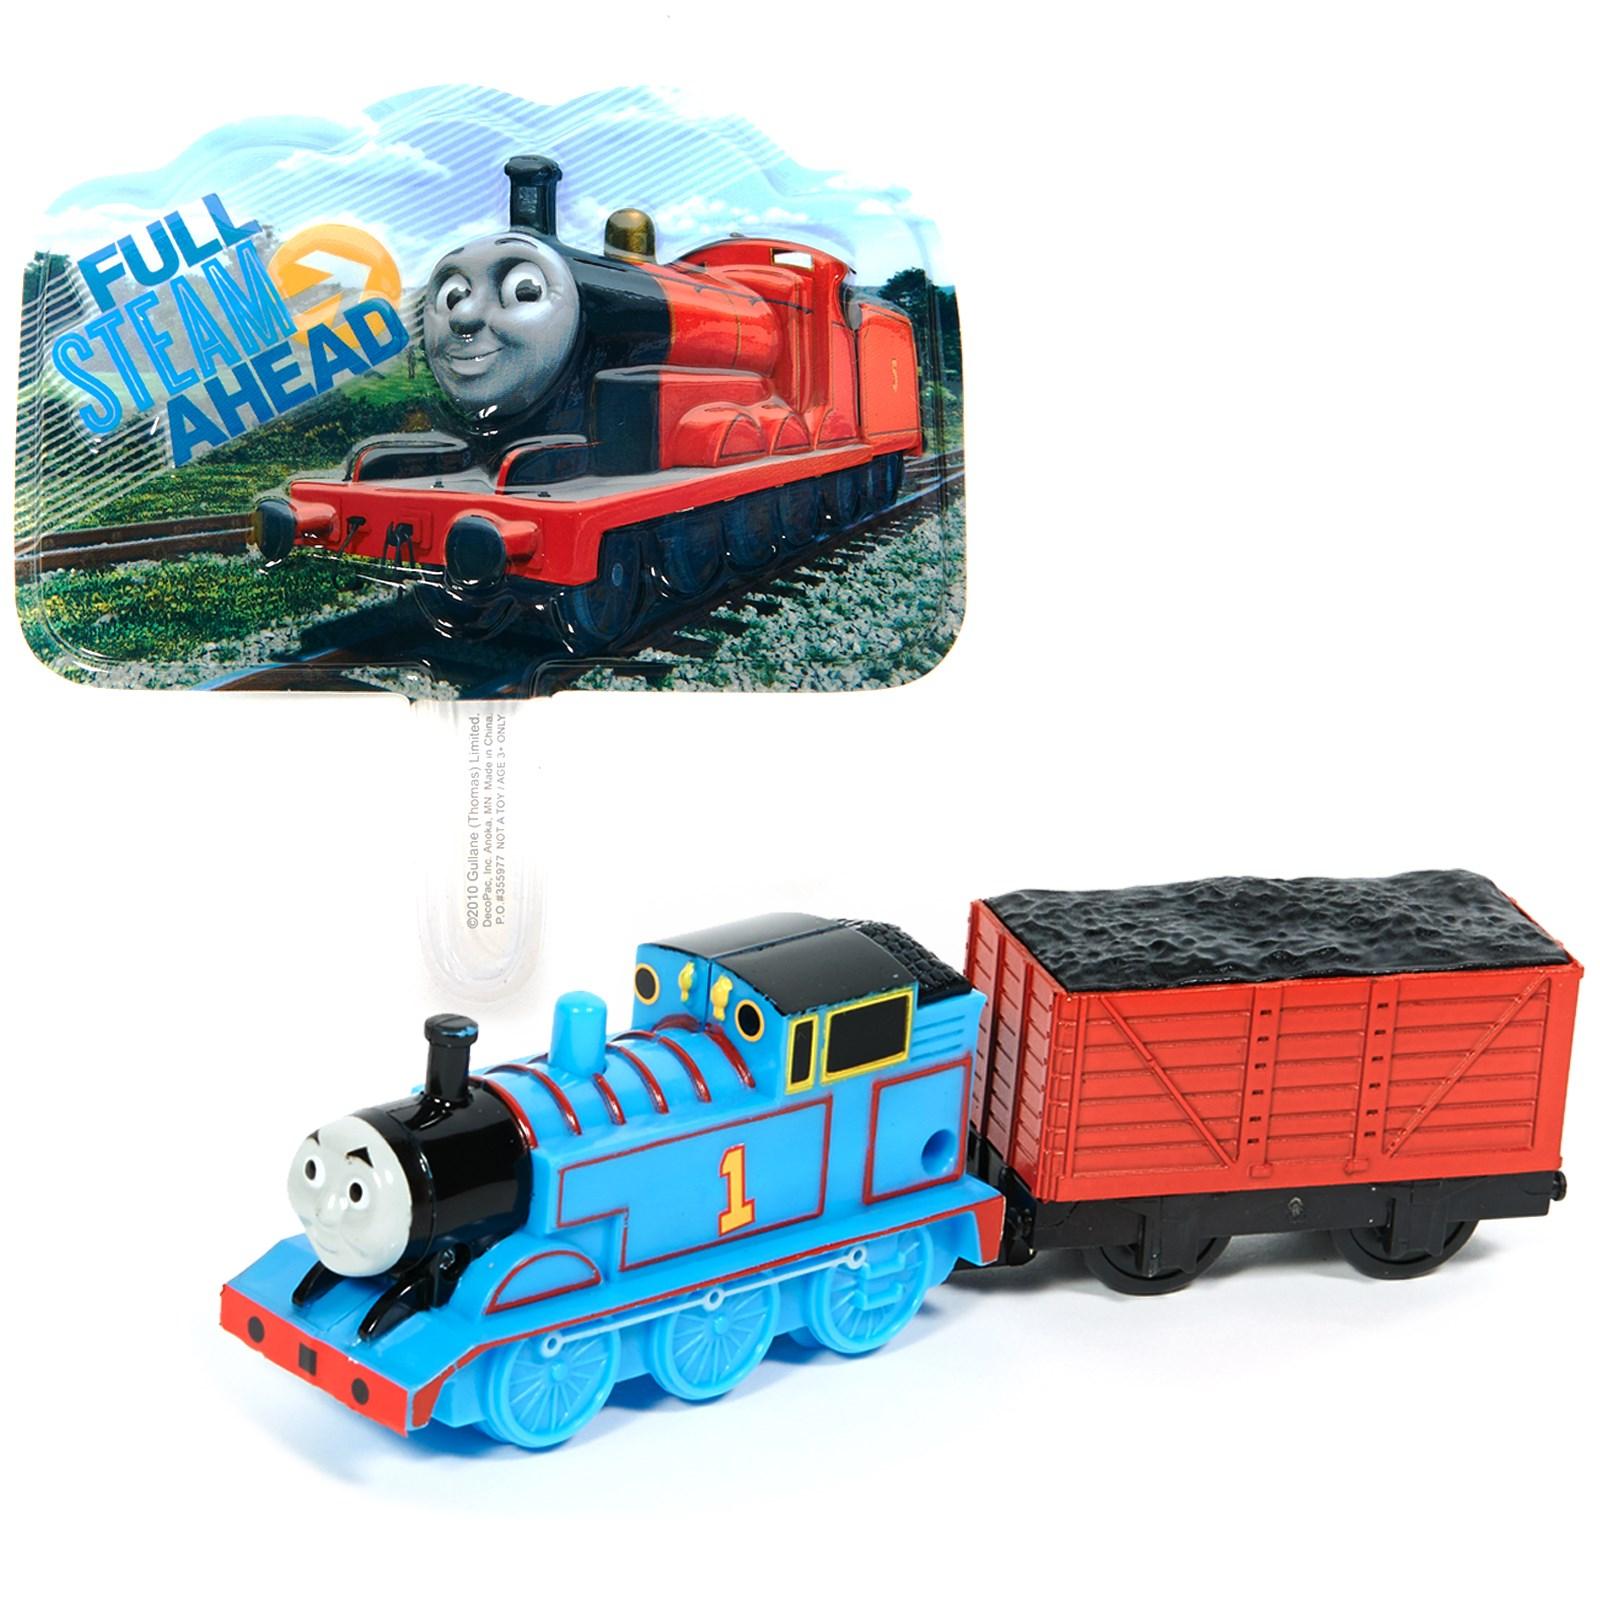 Train Cake Topper For Sale